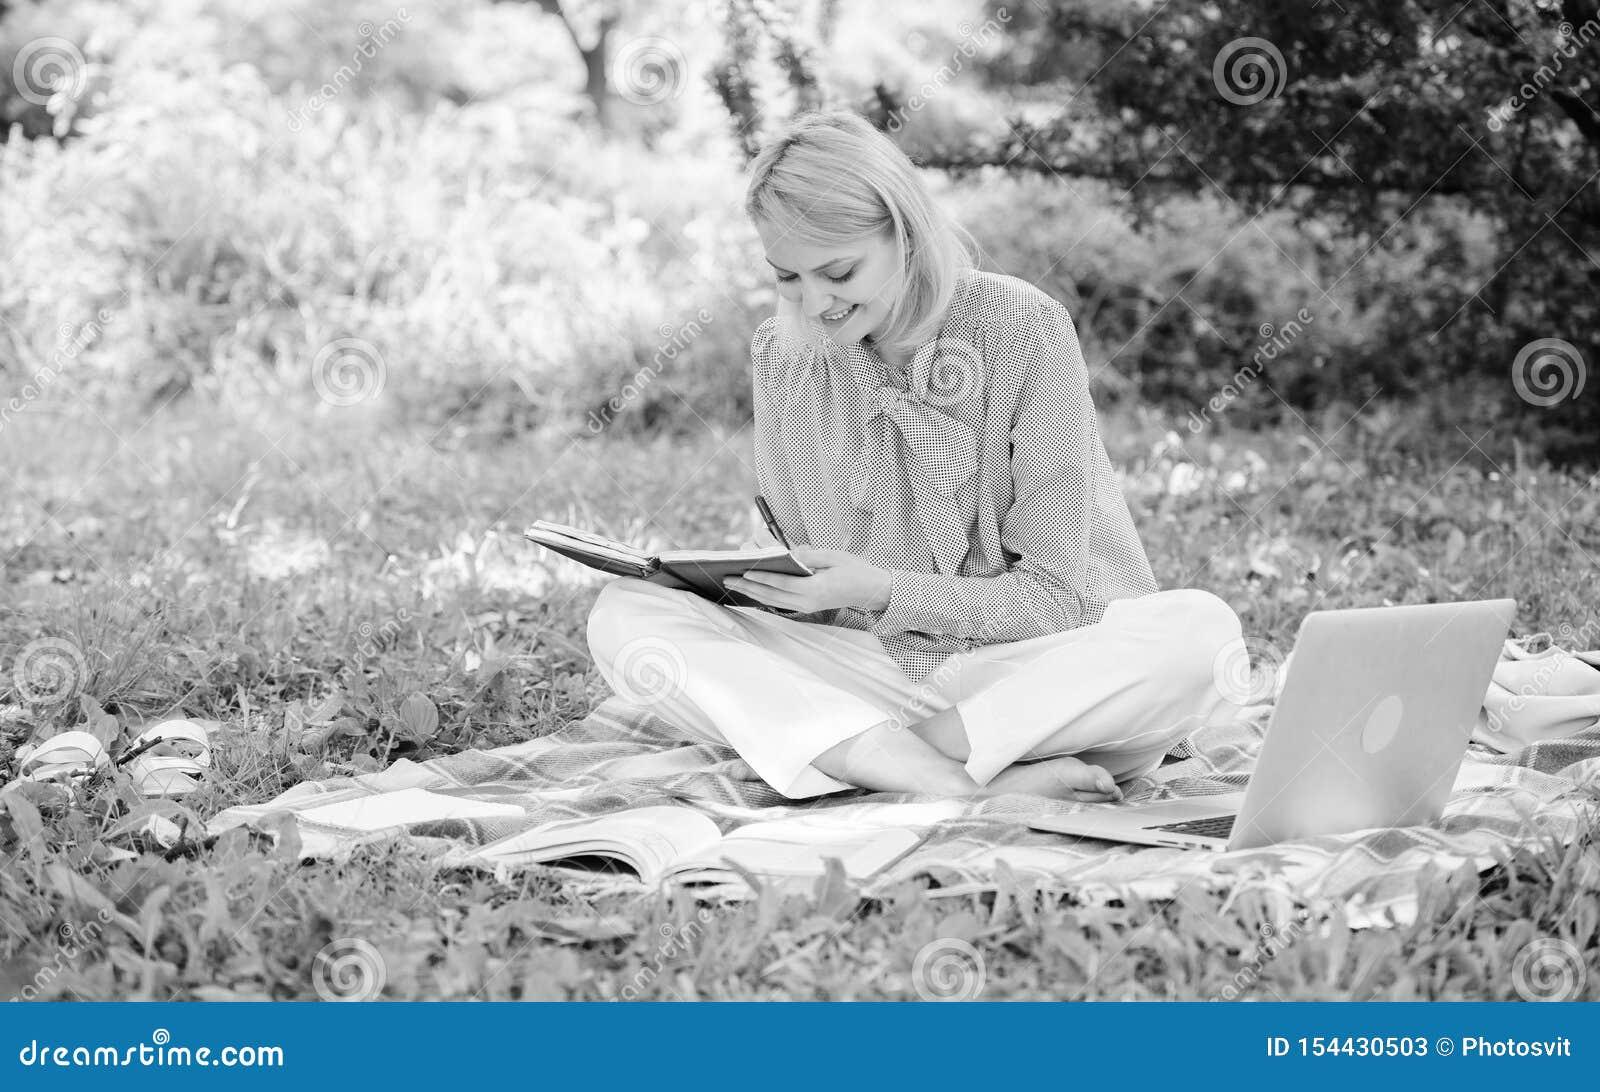 拿着笔记本的女人坐在地毯草地上 带记事本写便笺的女孩 自由职业概念 指南开始